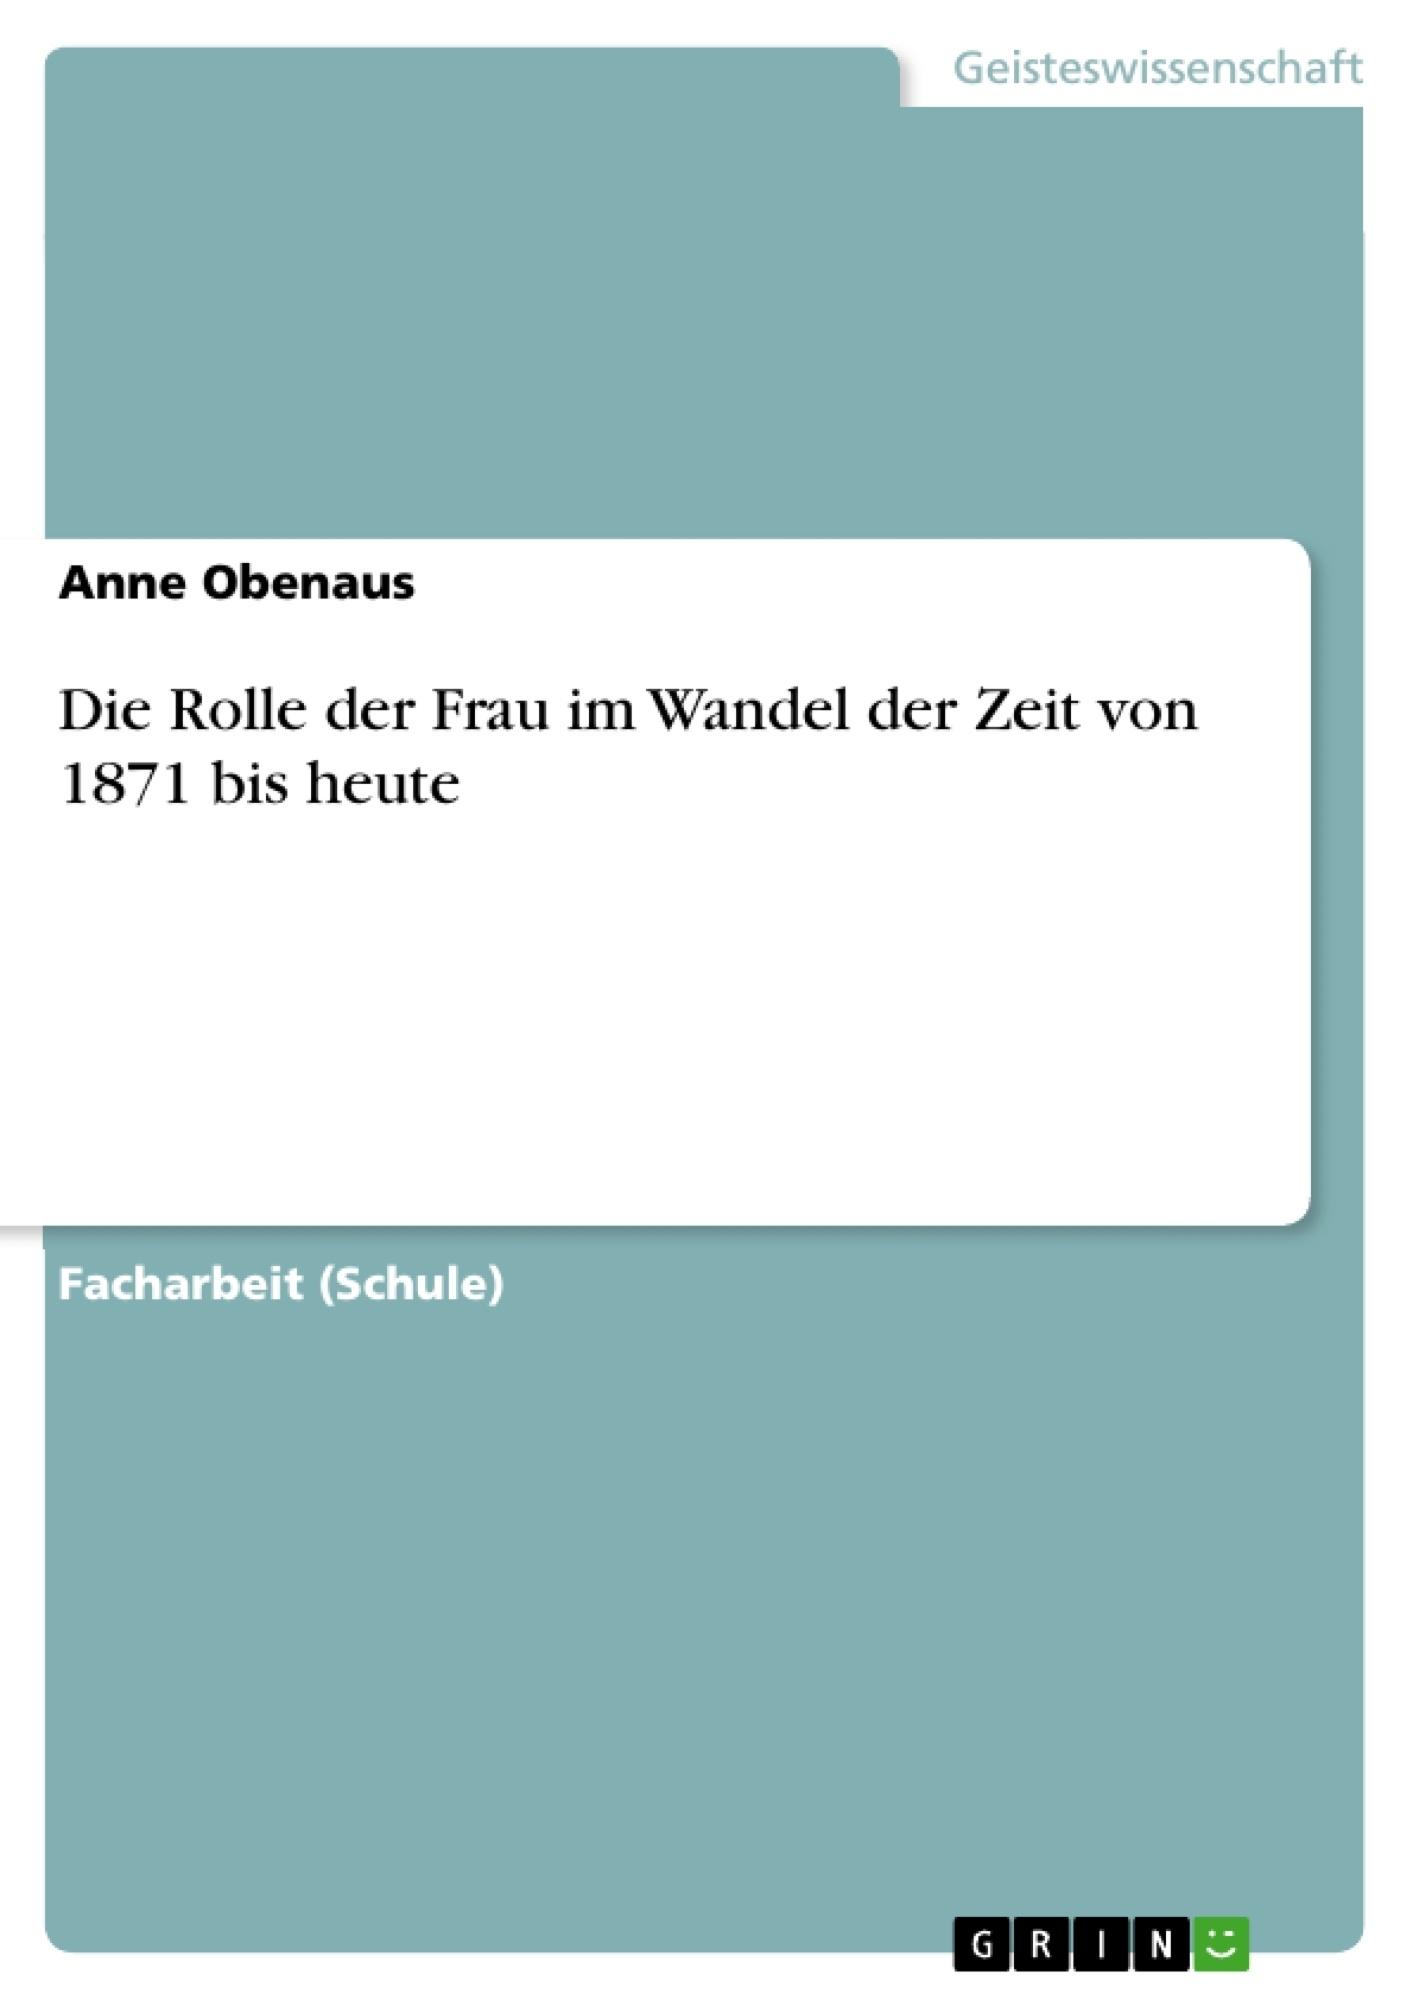 Title: Die Rolle der Frau im Wandel der Zeit von 1871 bis heute